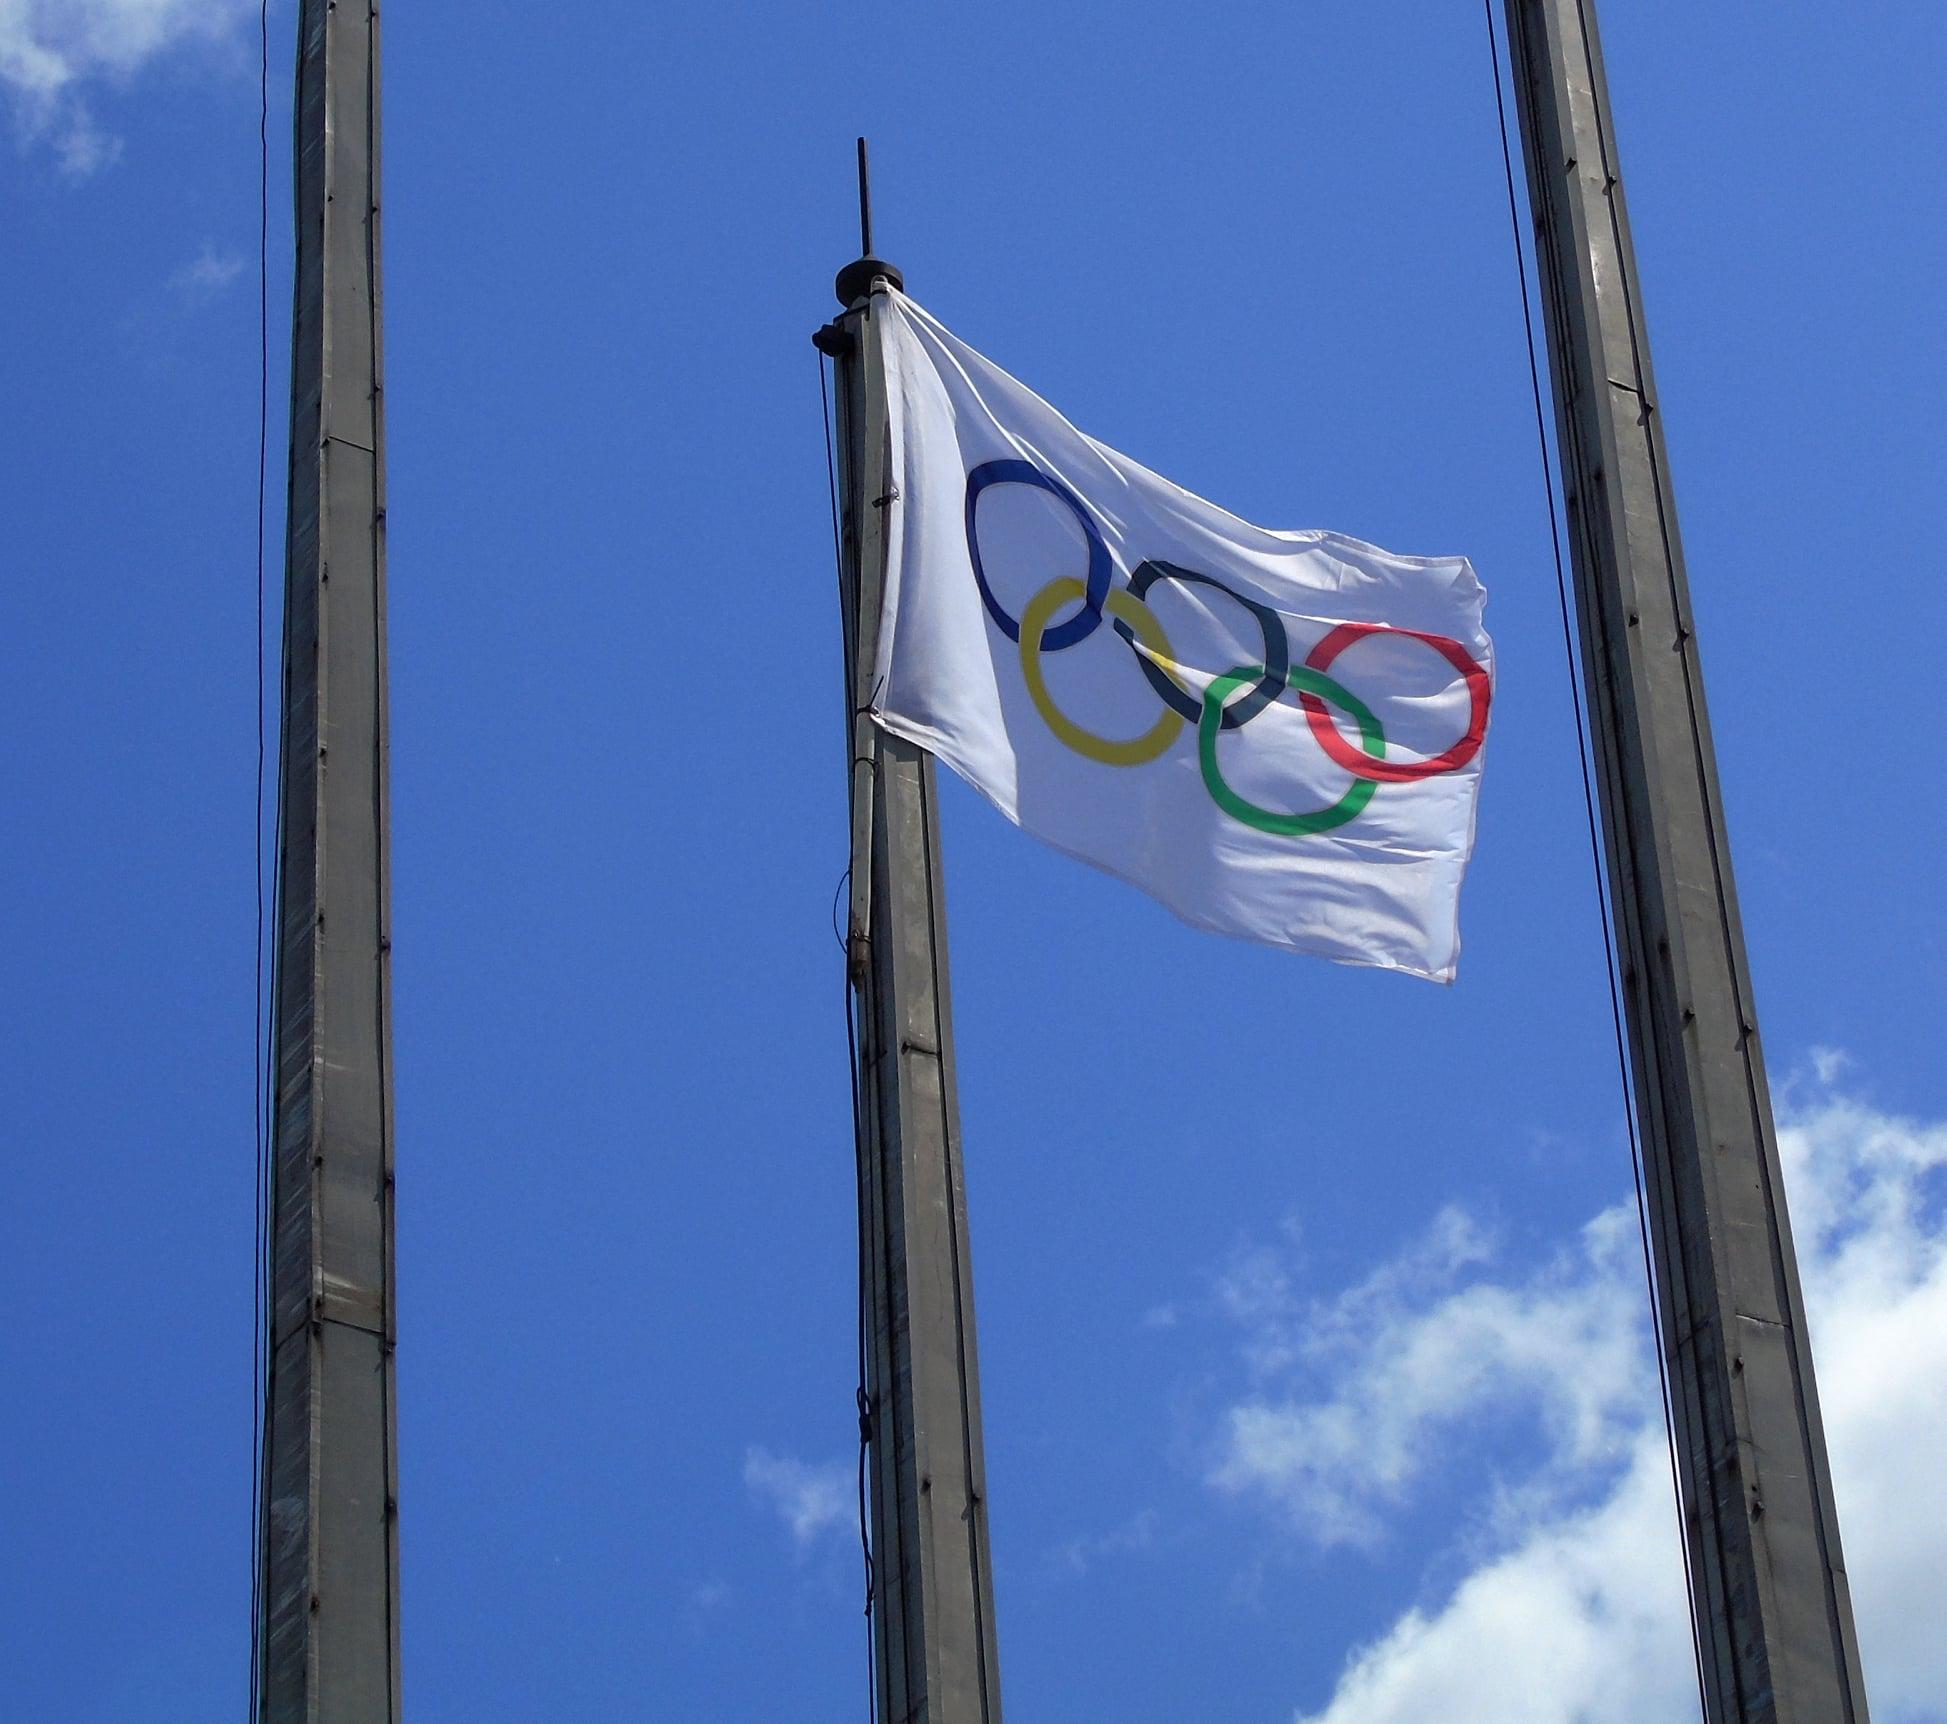 Підняття олімпійського прапора, Березанська міська рада. фото